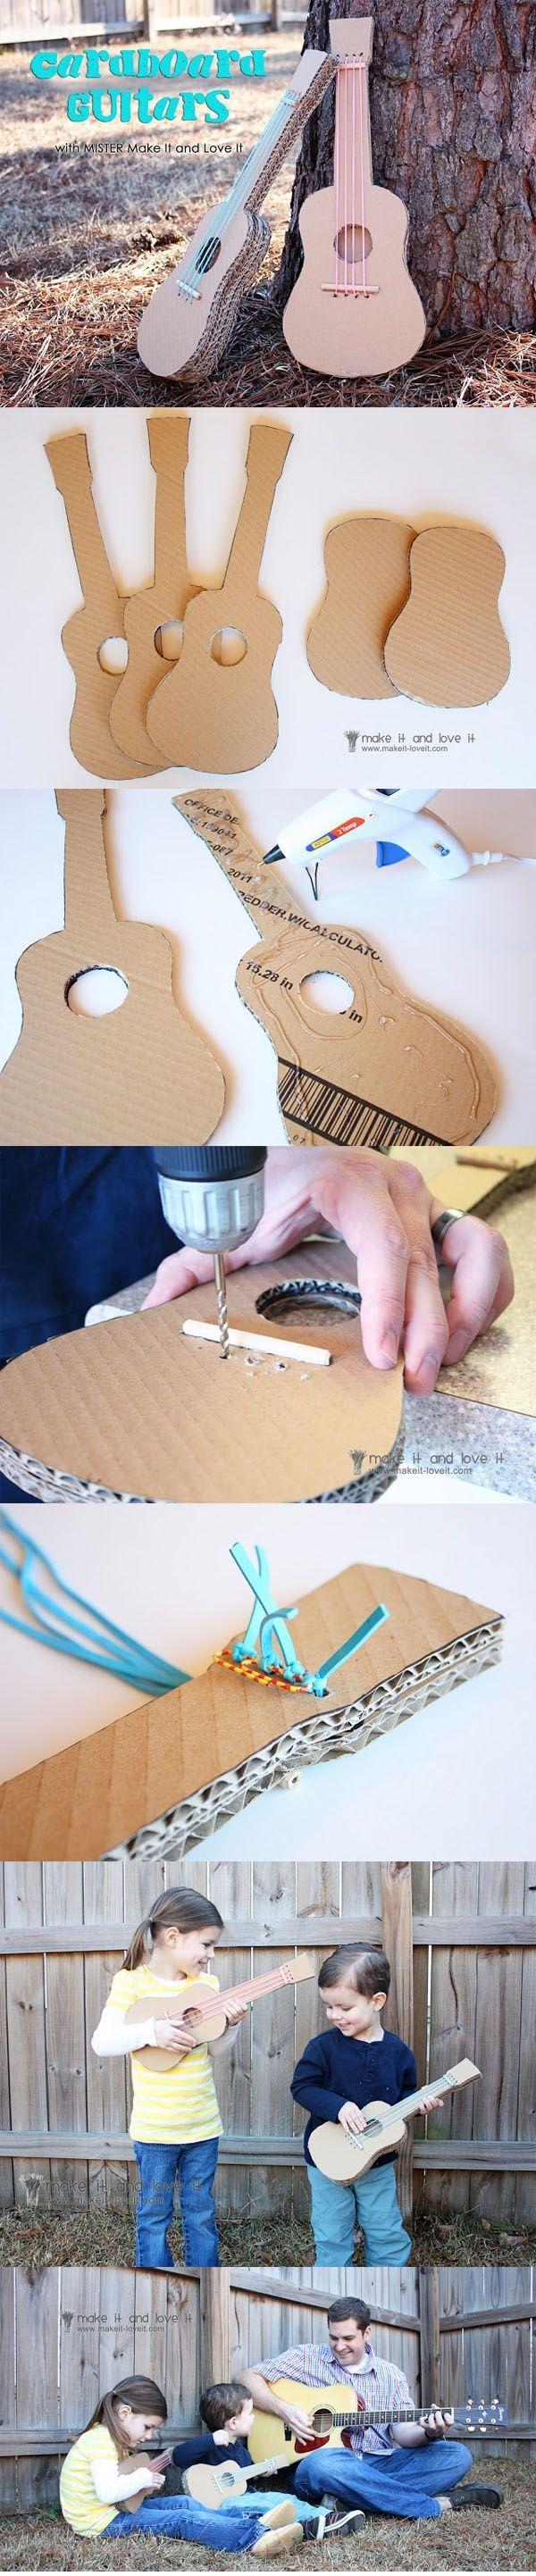 Ingeniosas+guitarras+de+cartón: